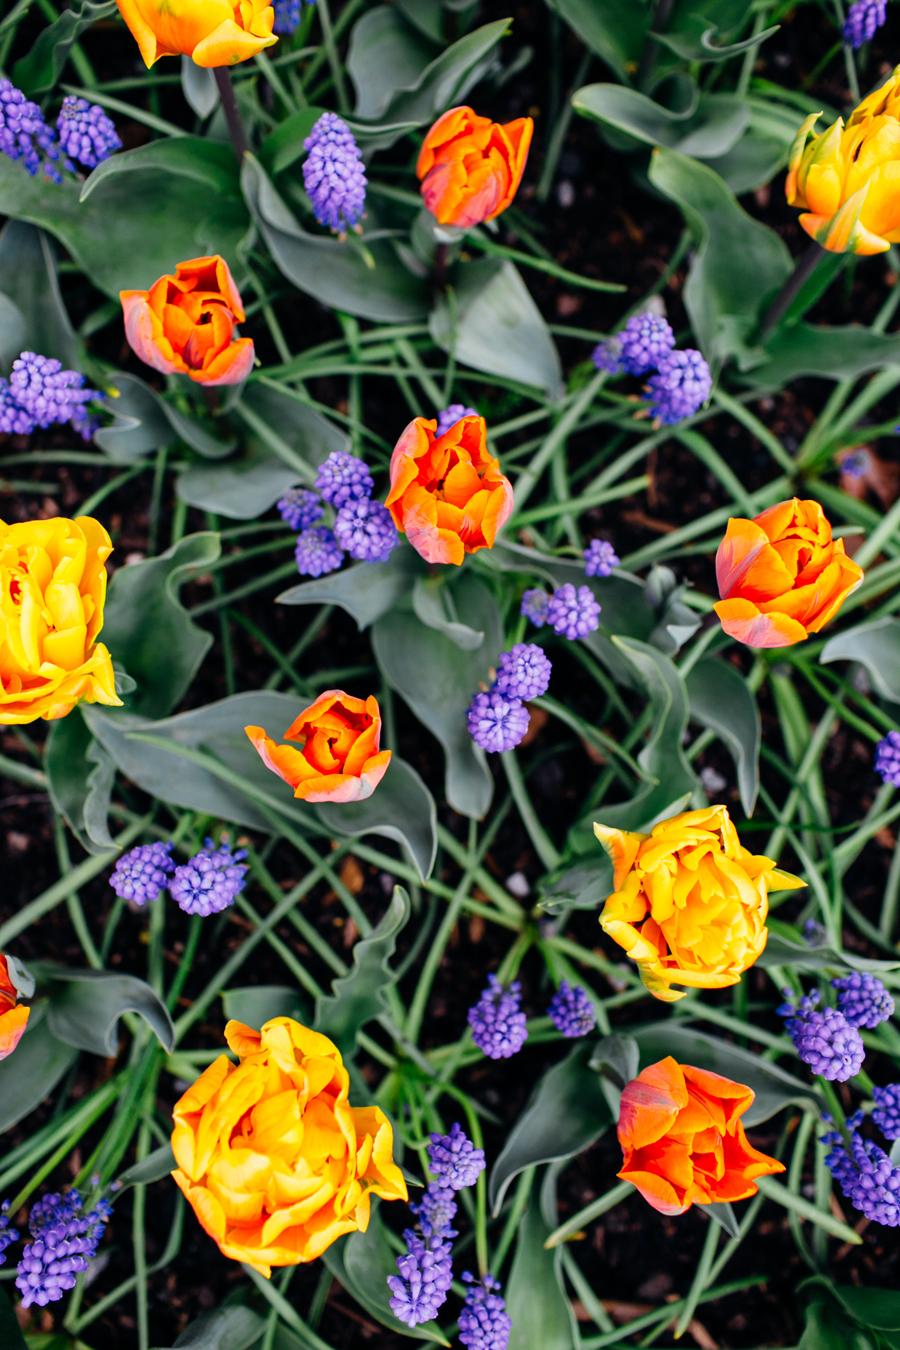 002-bellingham-skagit-photographer-photo-tulip-festival-katheryn-moran.jpg